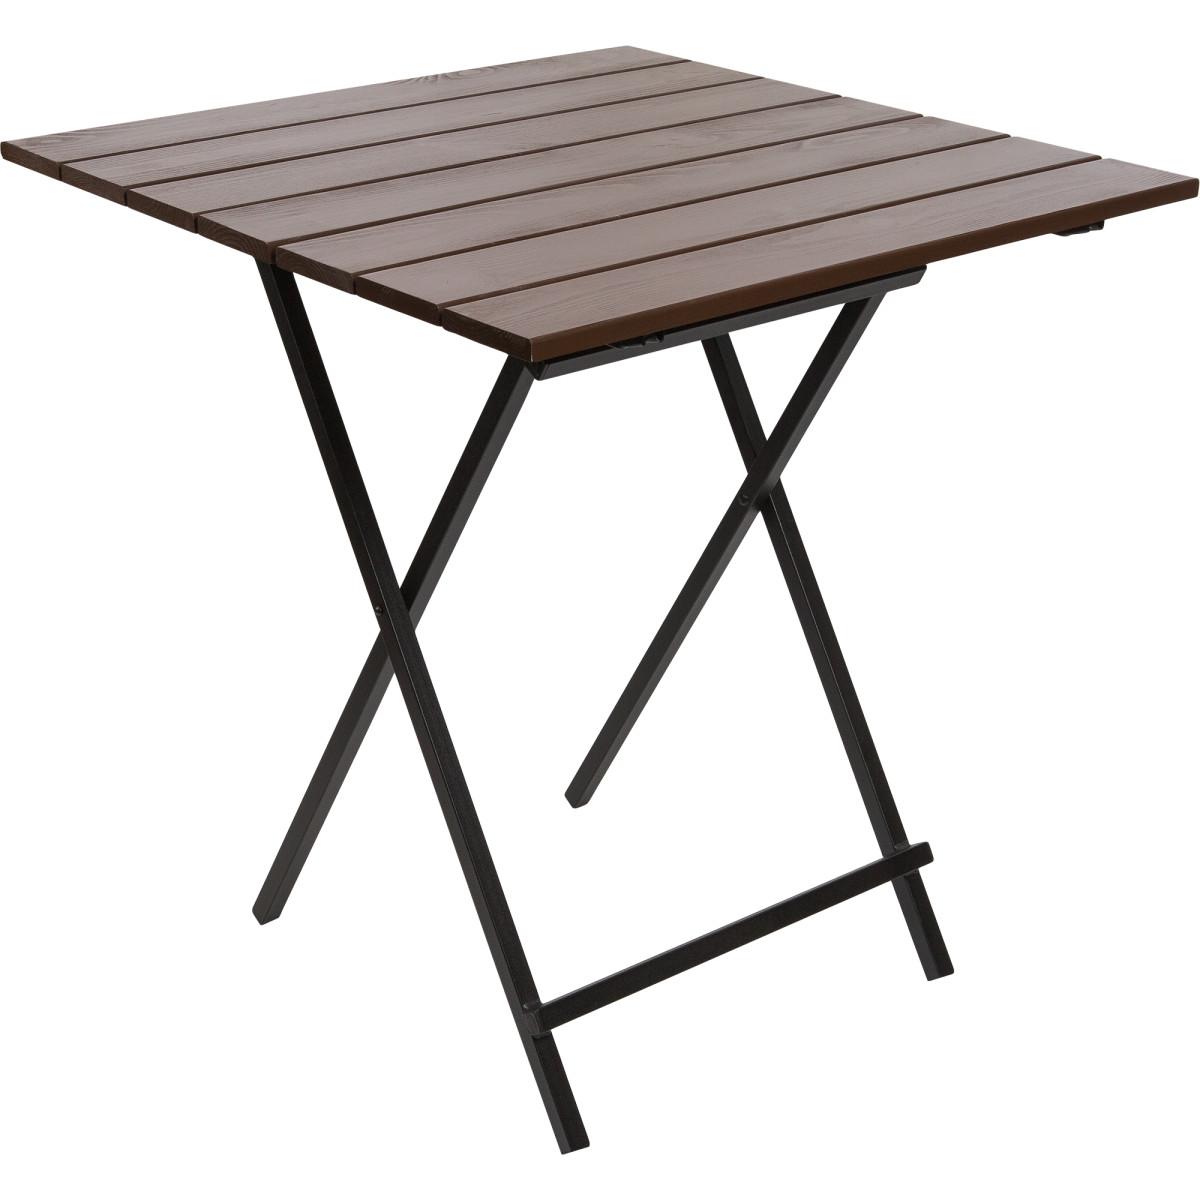 Стол садовый складной Quadro металл/дерево цвет каштан